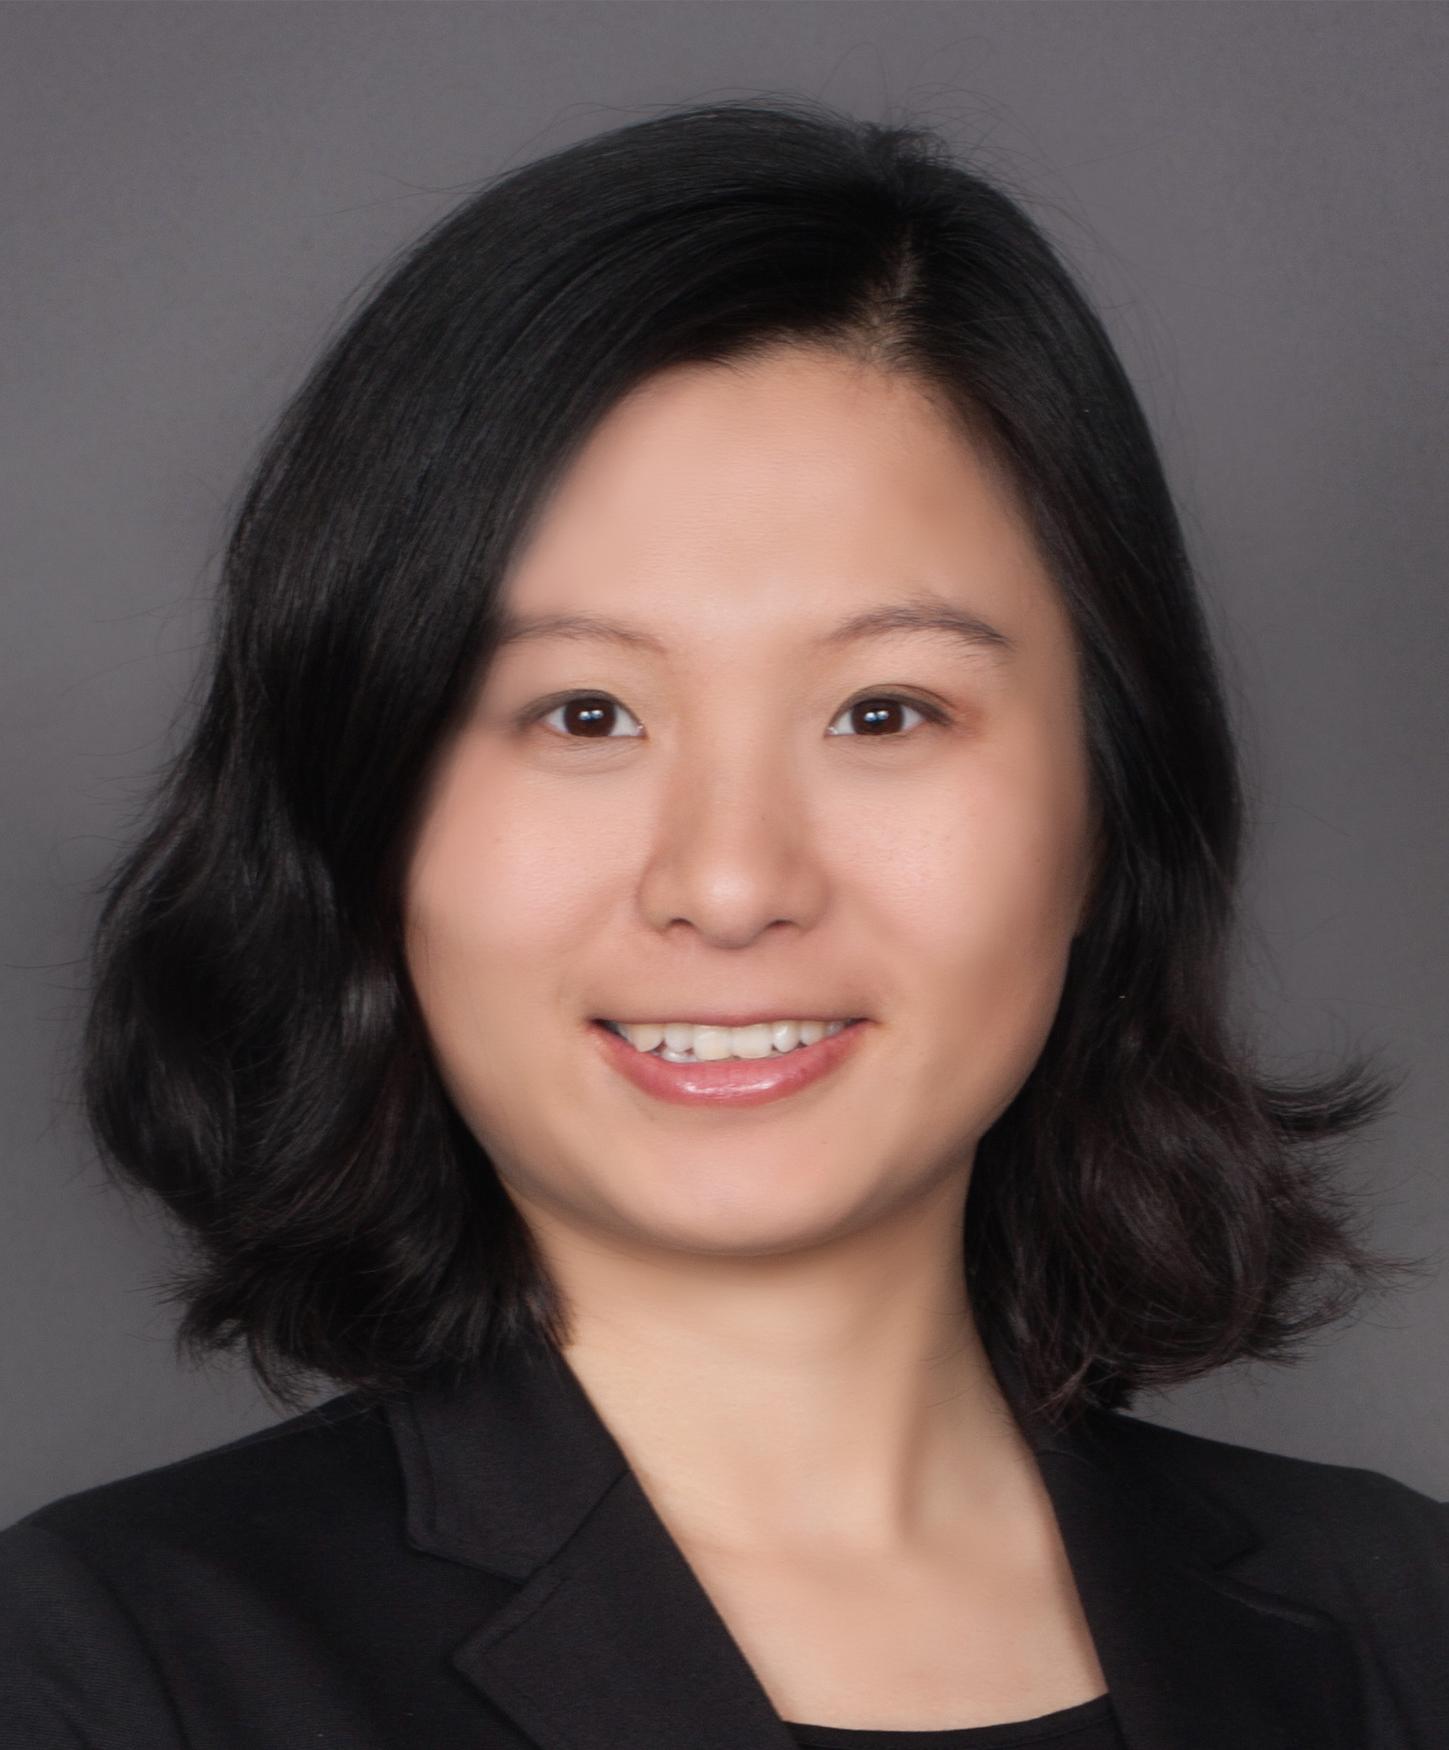 Image of Jing Huang